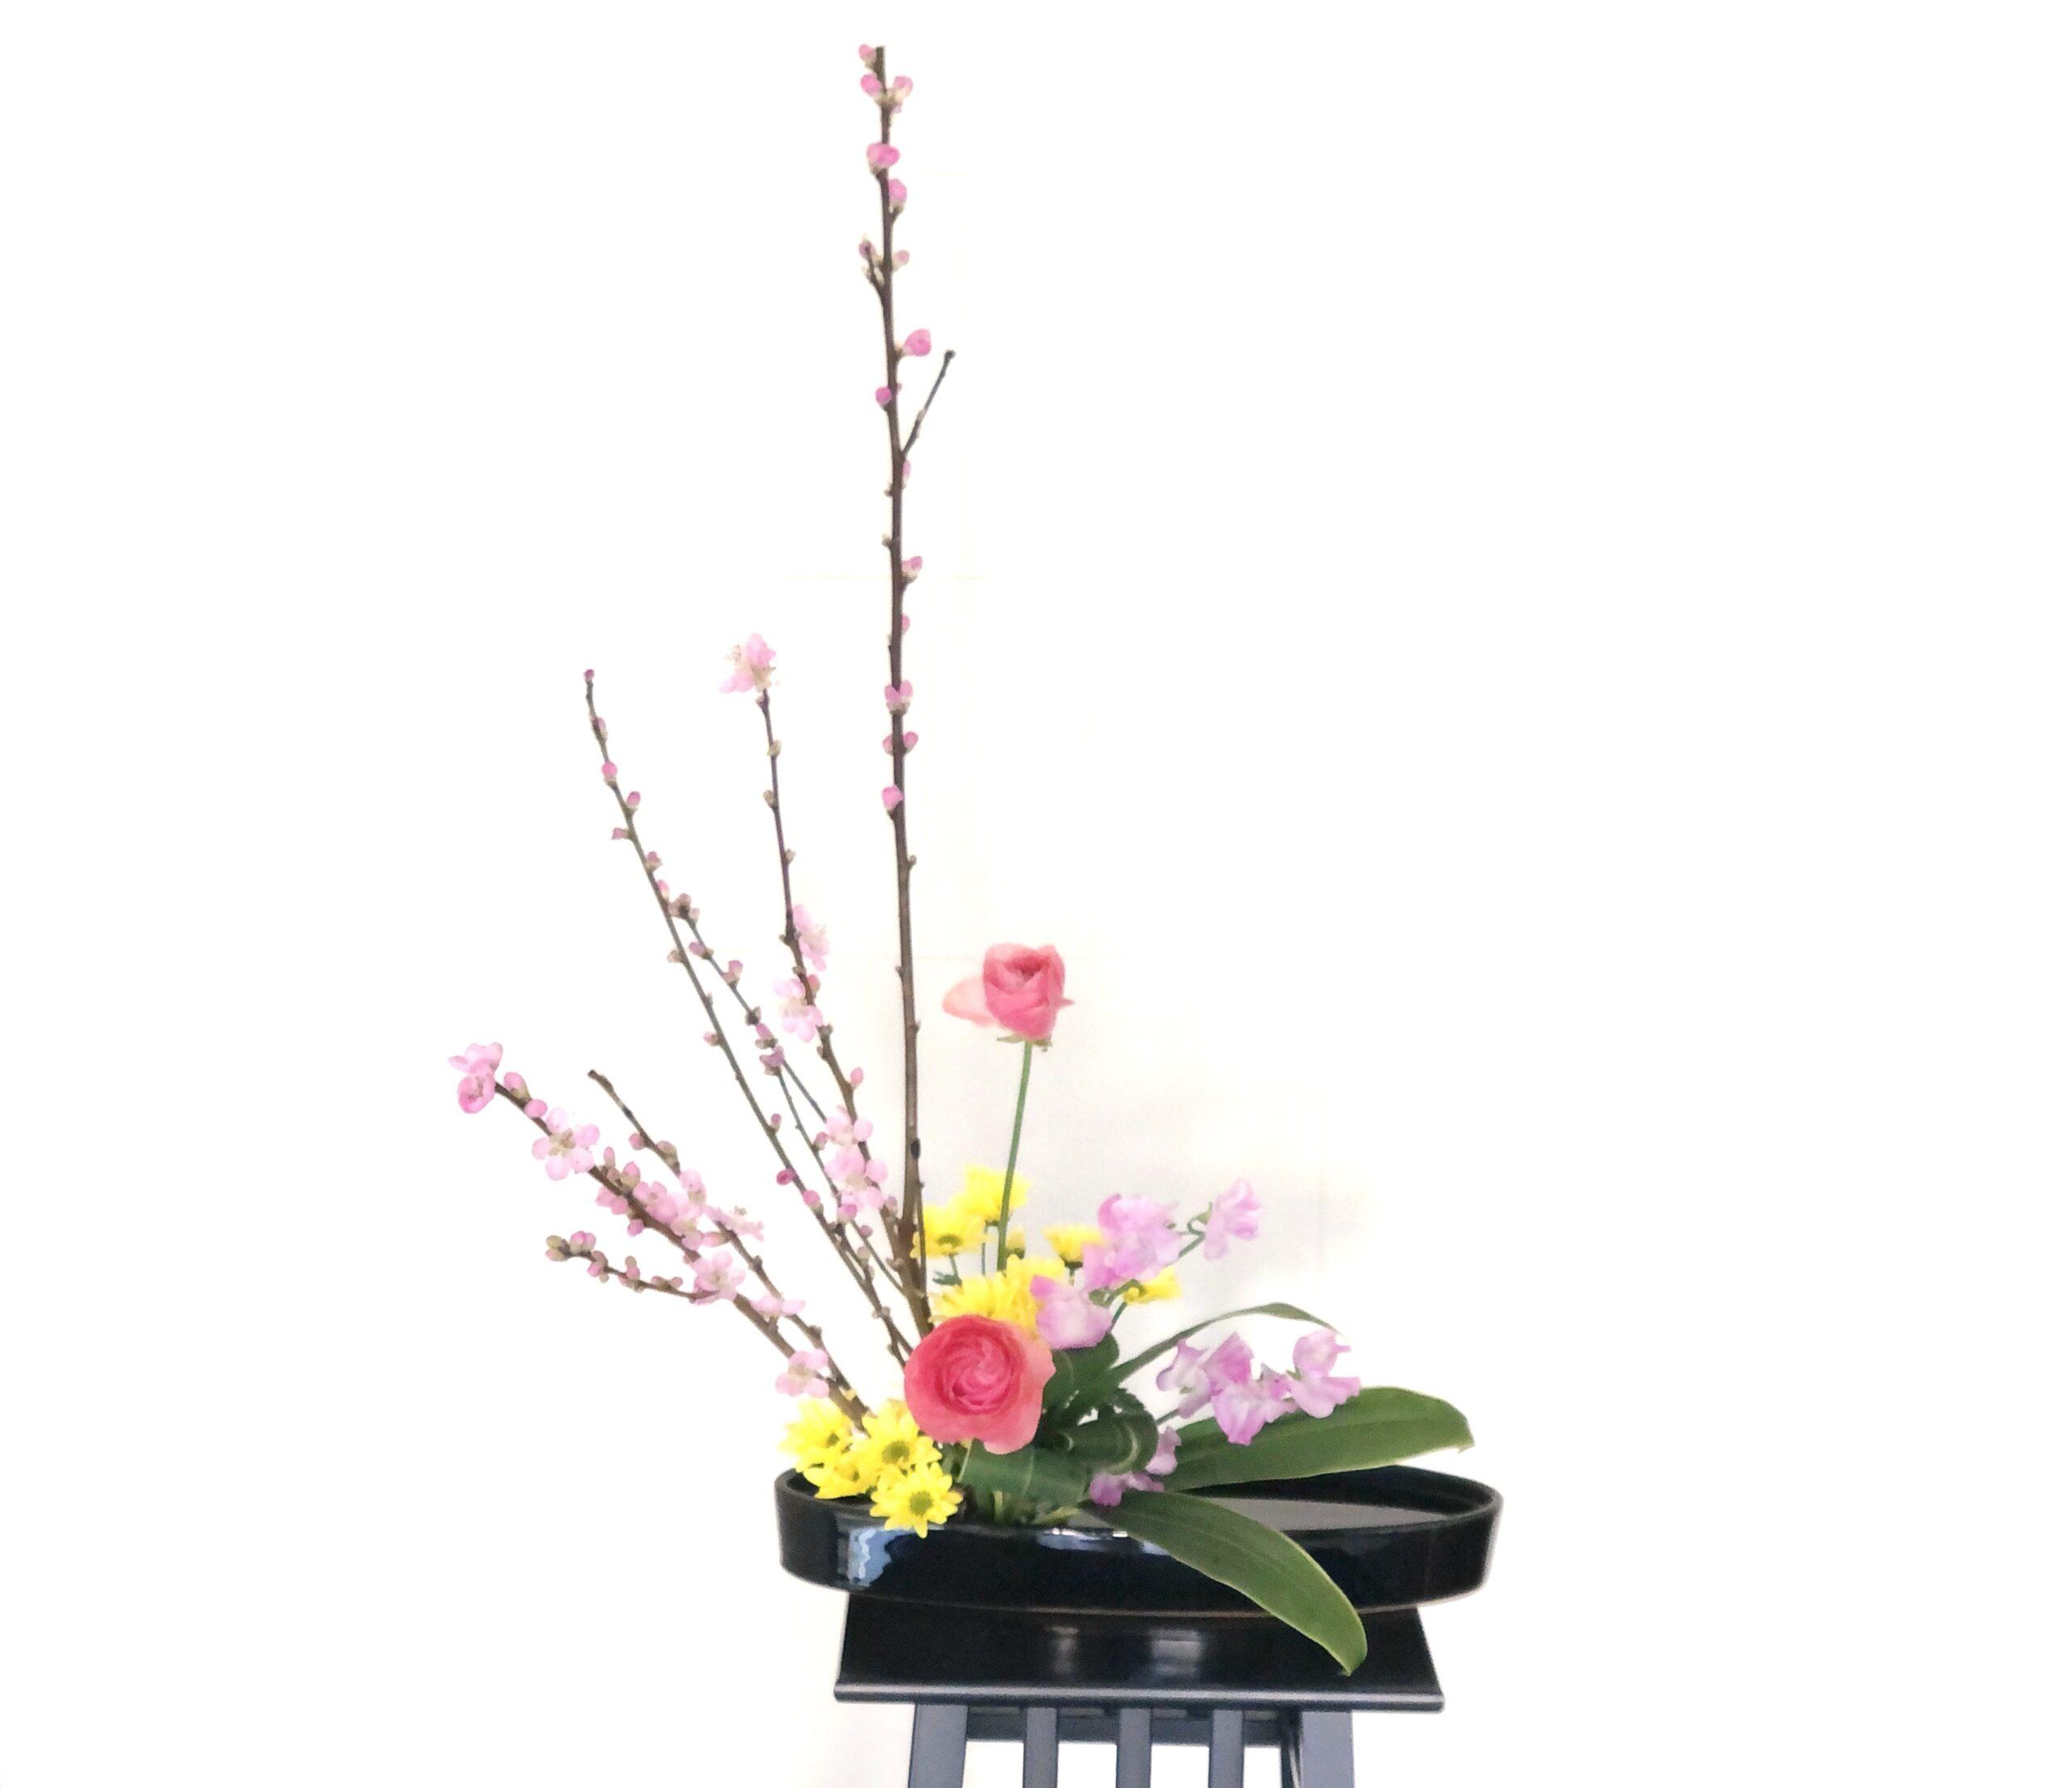 桃の花を使った盛花